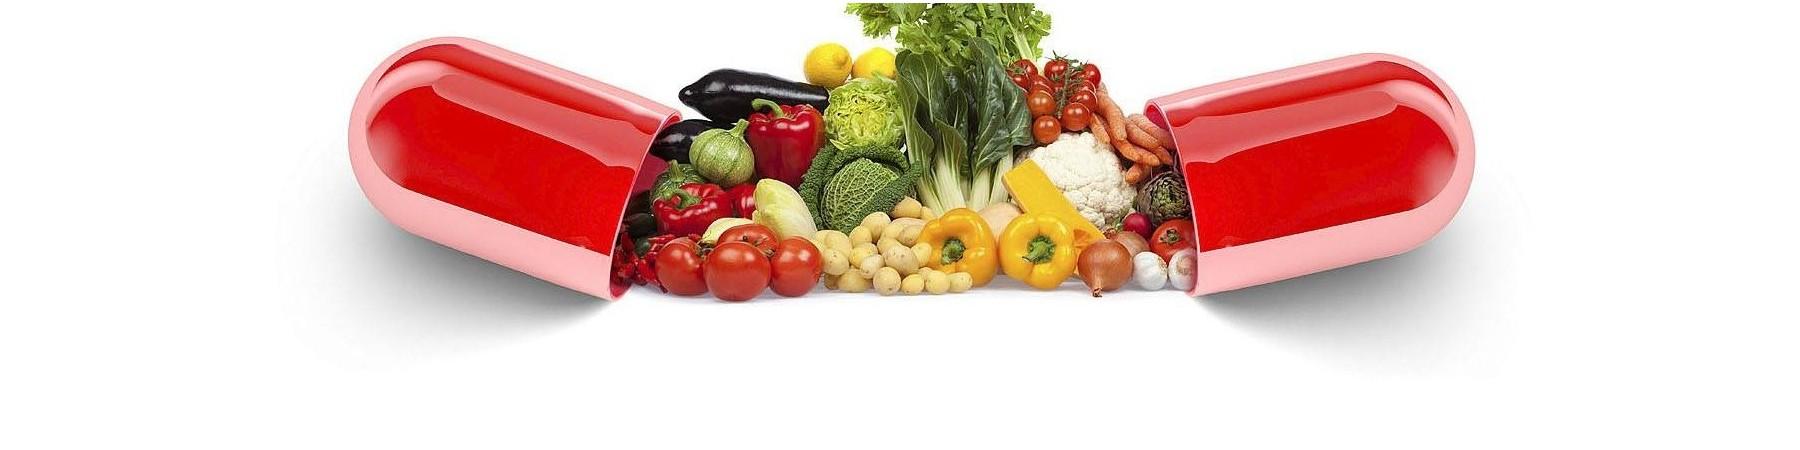 Thực phẩm dinh dưỡng,bổ sung. Thực phẩm chức năng, đóng hộp, nhập khẩu